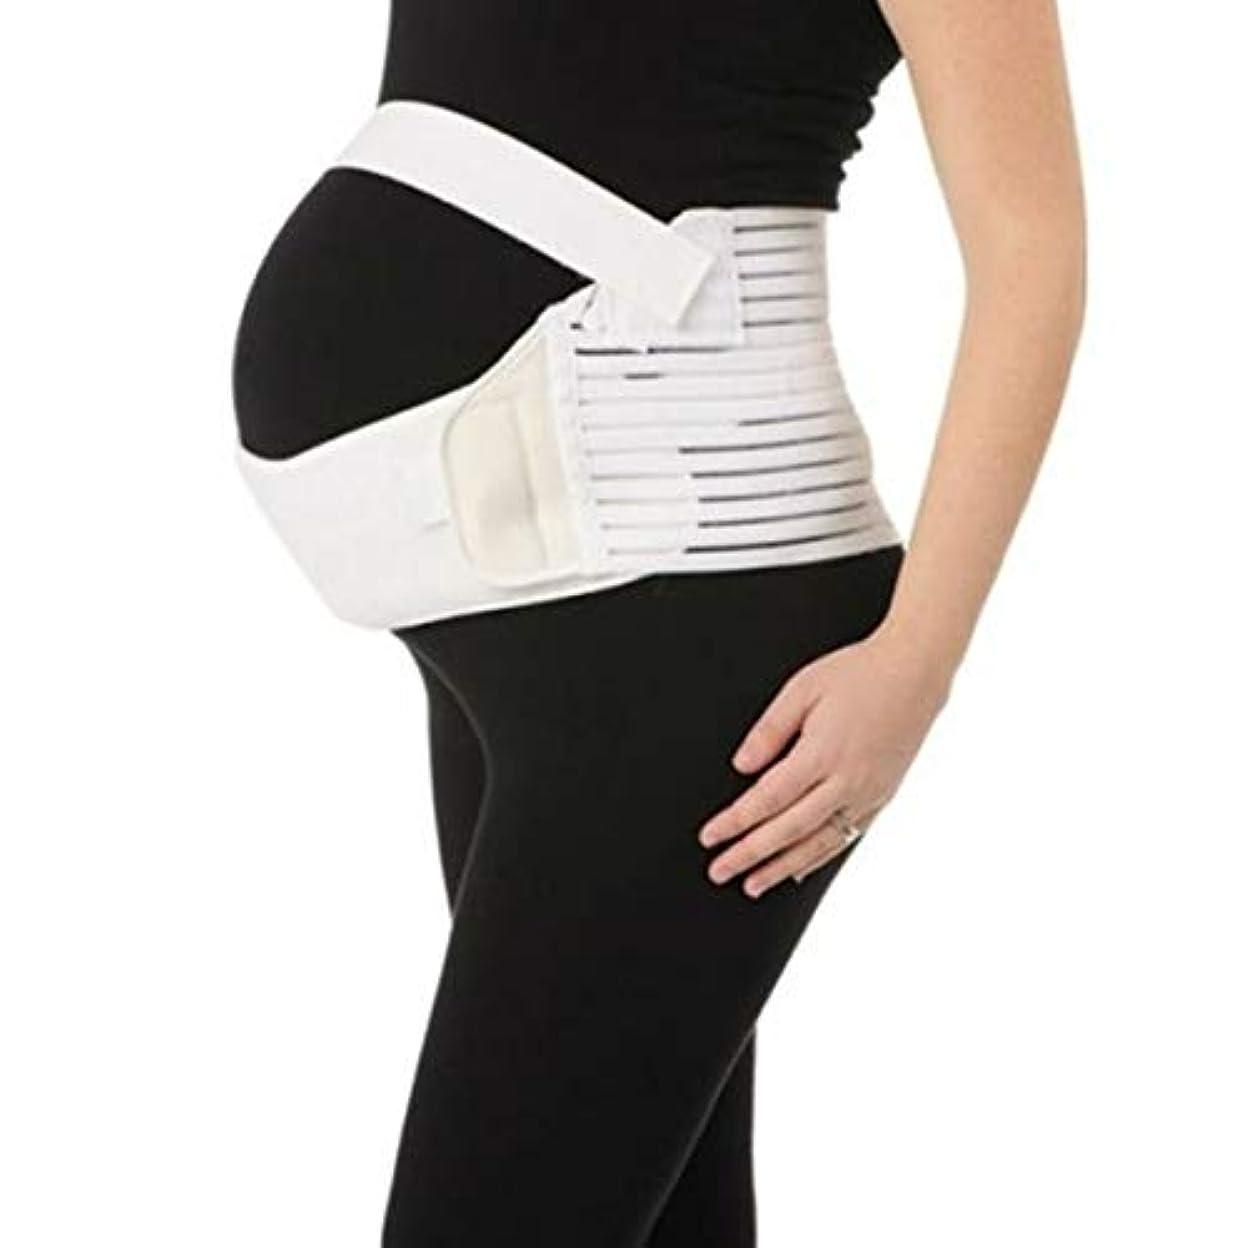 理由ゴム祝福通気性産科ベルト妊娠腹部サポート腹部バインダーガードル運動包帯産後の回復形状ウェア - ホワイトM